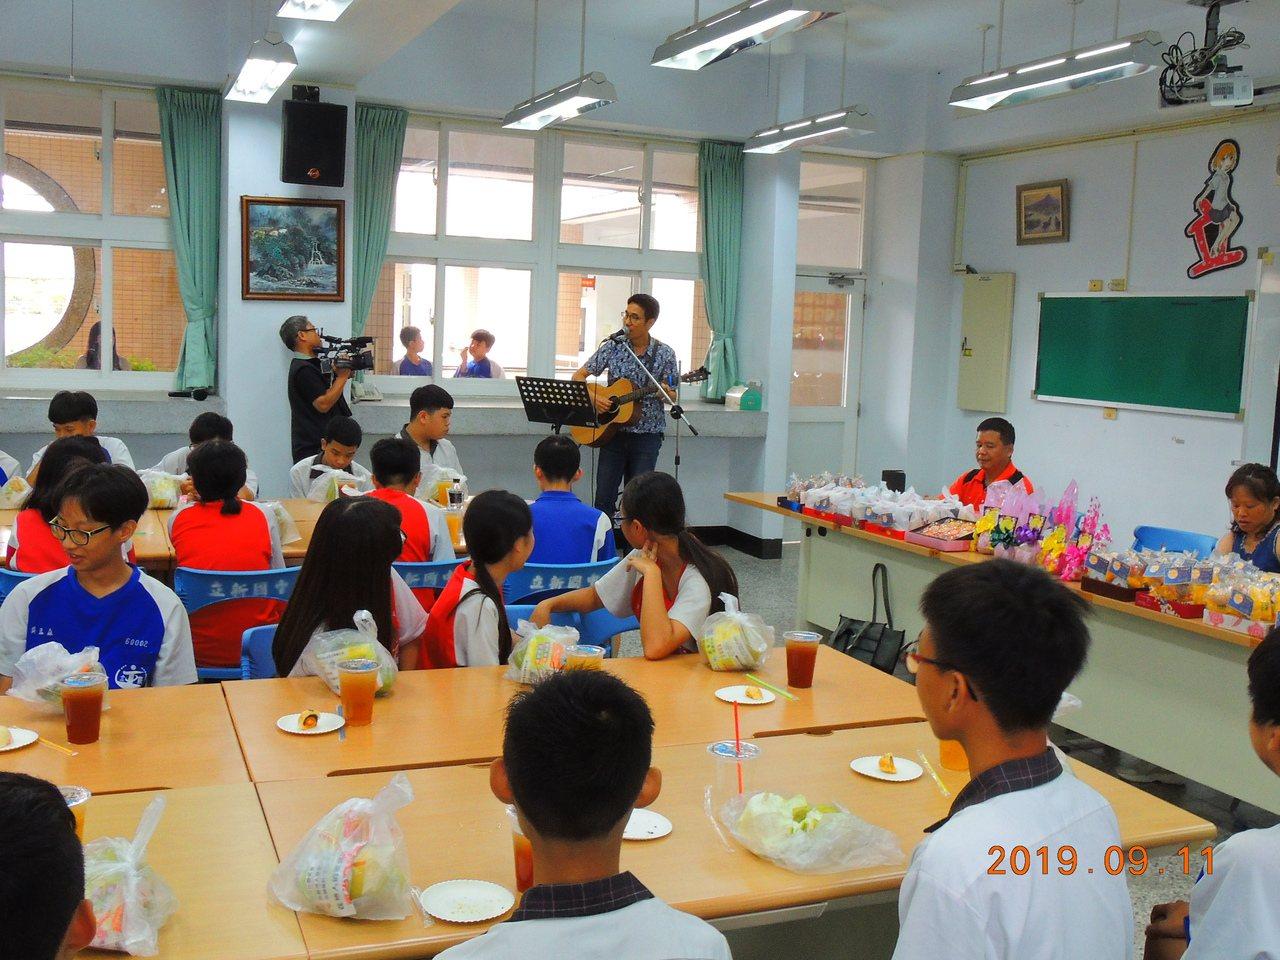 台中市大里區立新國中校長張嘉亨中秋節前,以彈吉他、請學生吃月餅的方式和學生們提前...